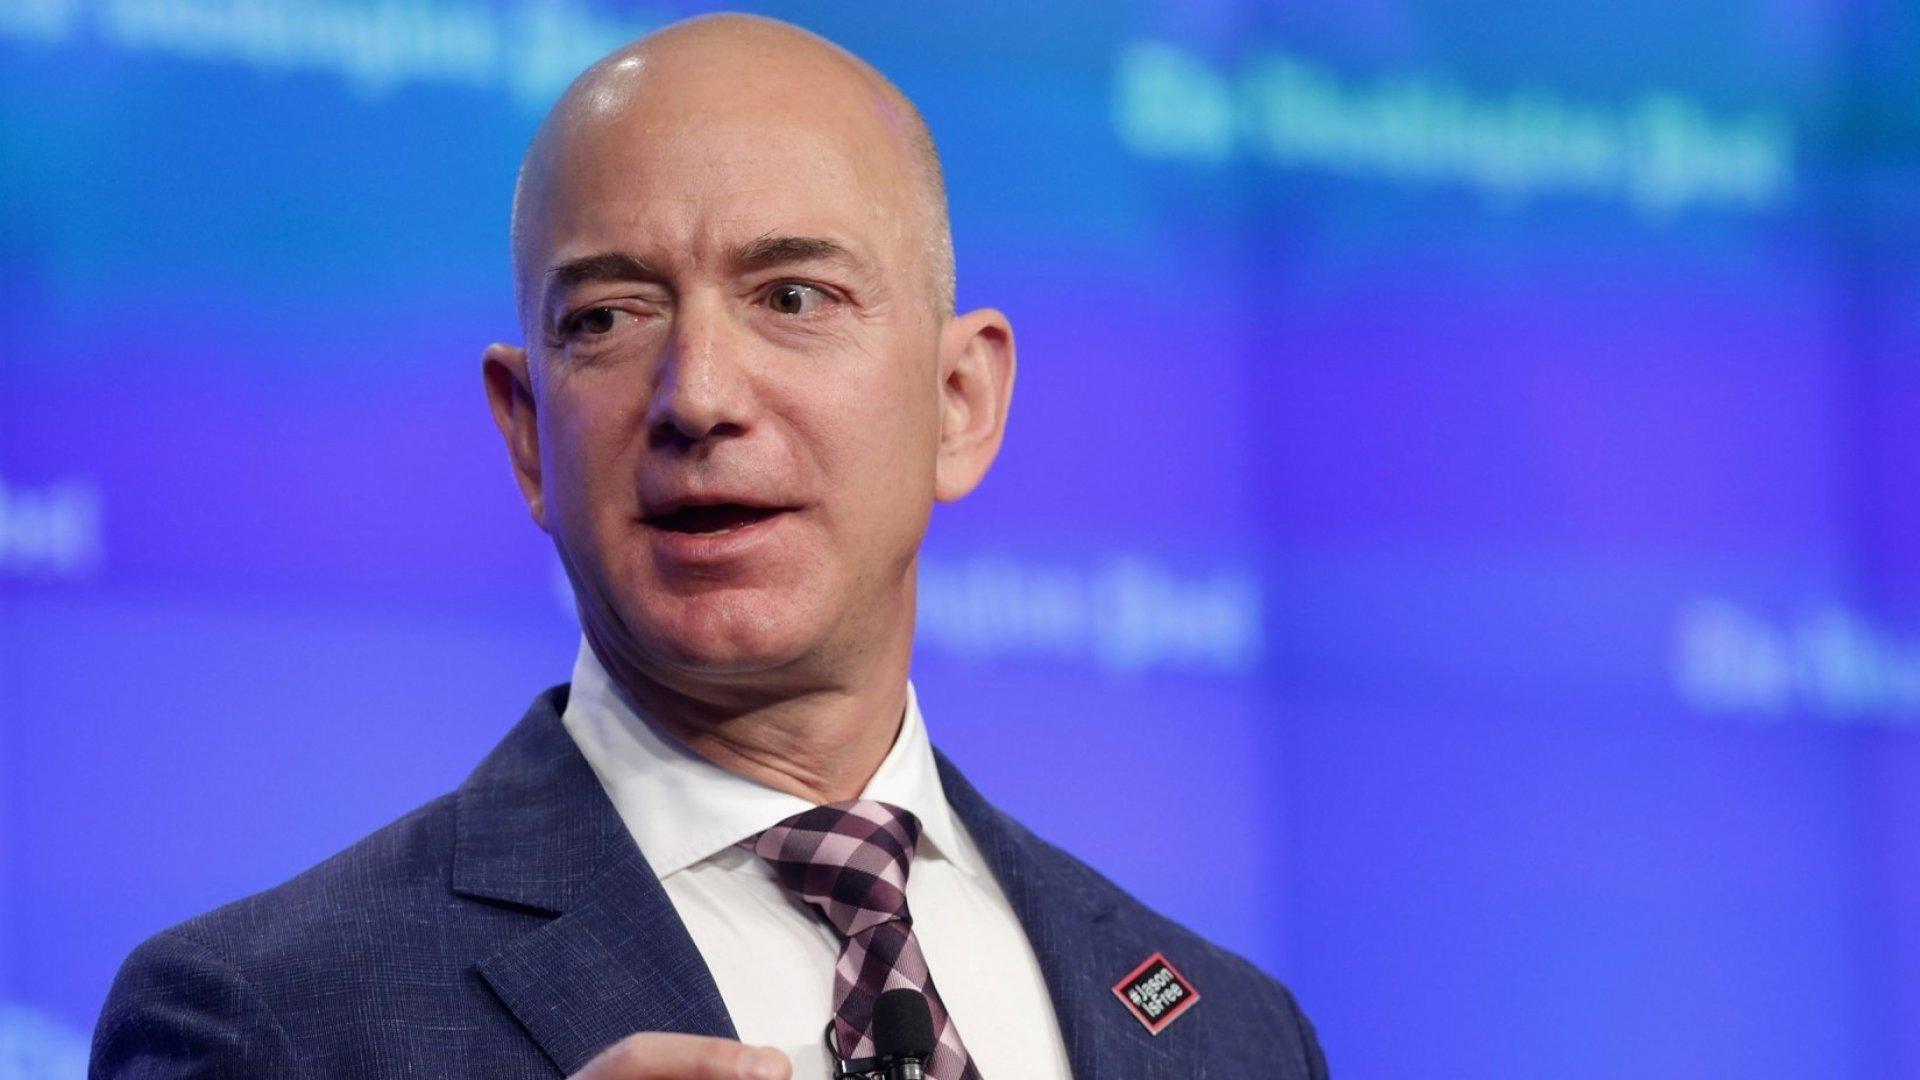 Jeff Bezos và bài học từ thất bại: Chúng ta cần những thất bại hàng tỷ đô - Ảnh 1.